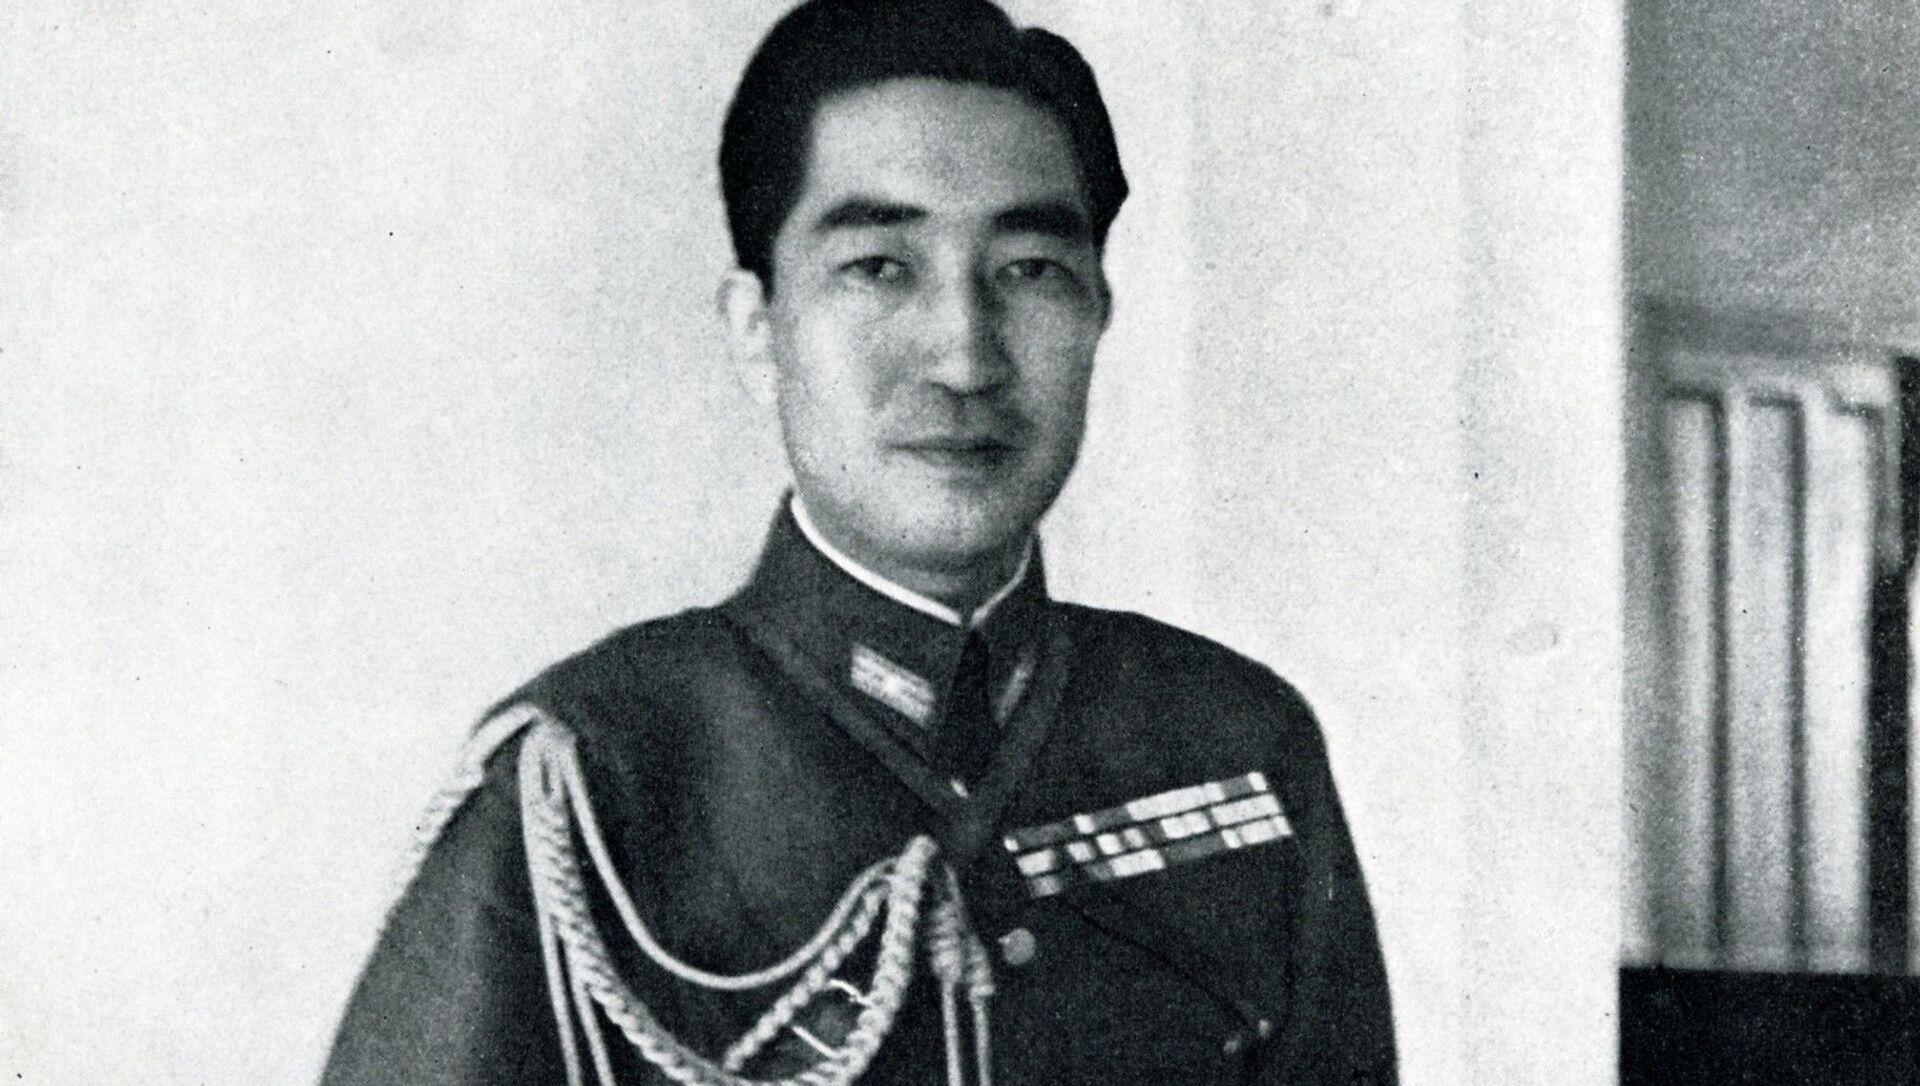 竹田宮恒徳王 - Sputnik 日本, 1920, 20.08.2021